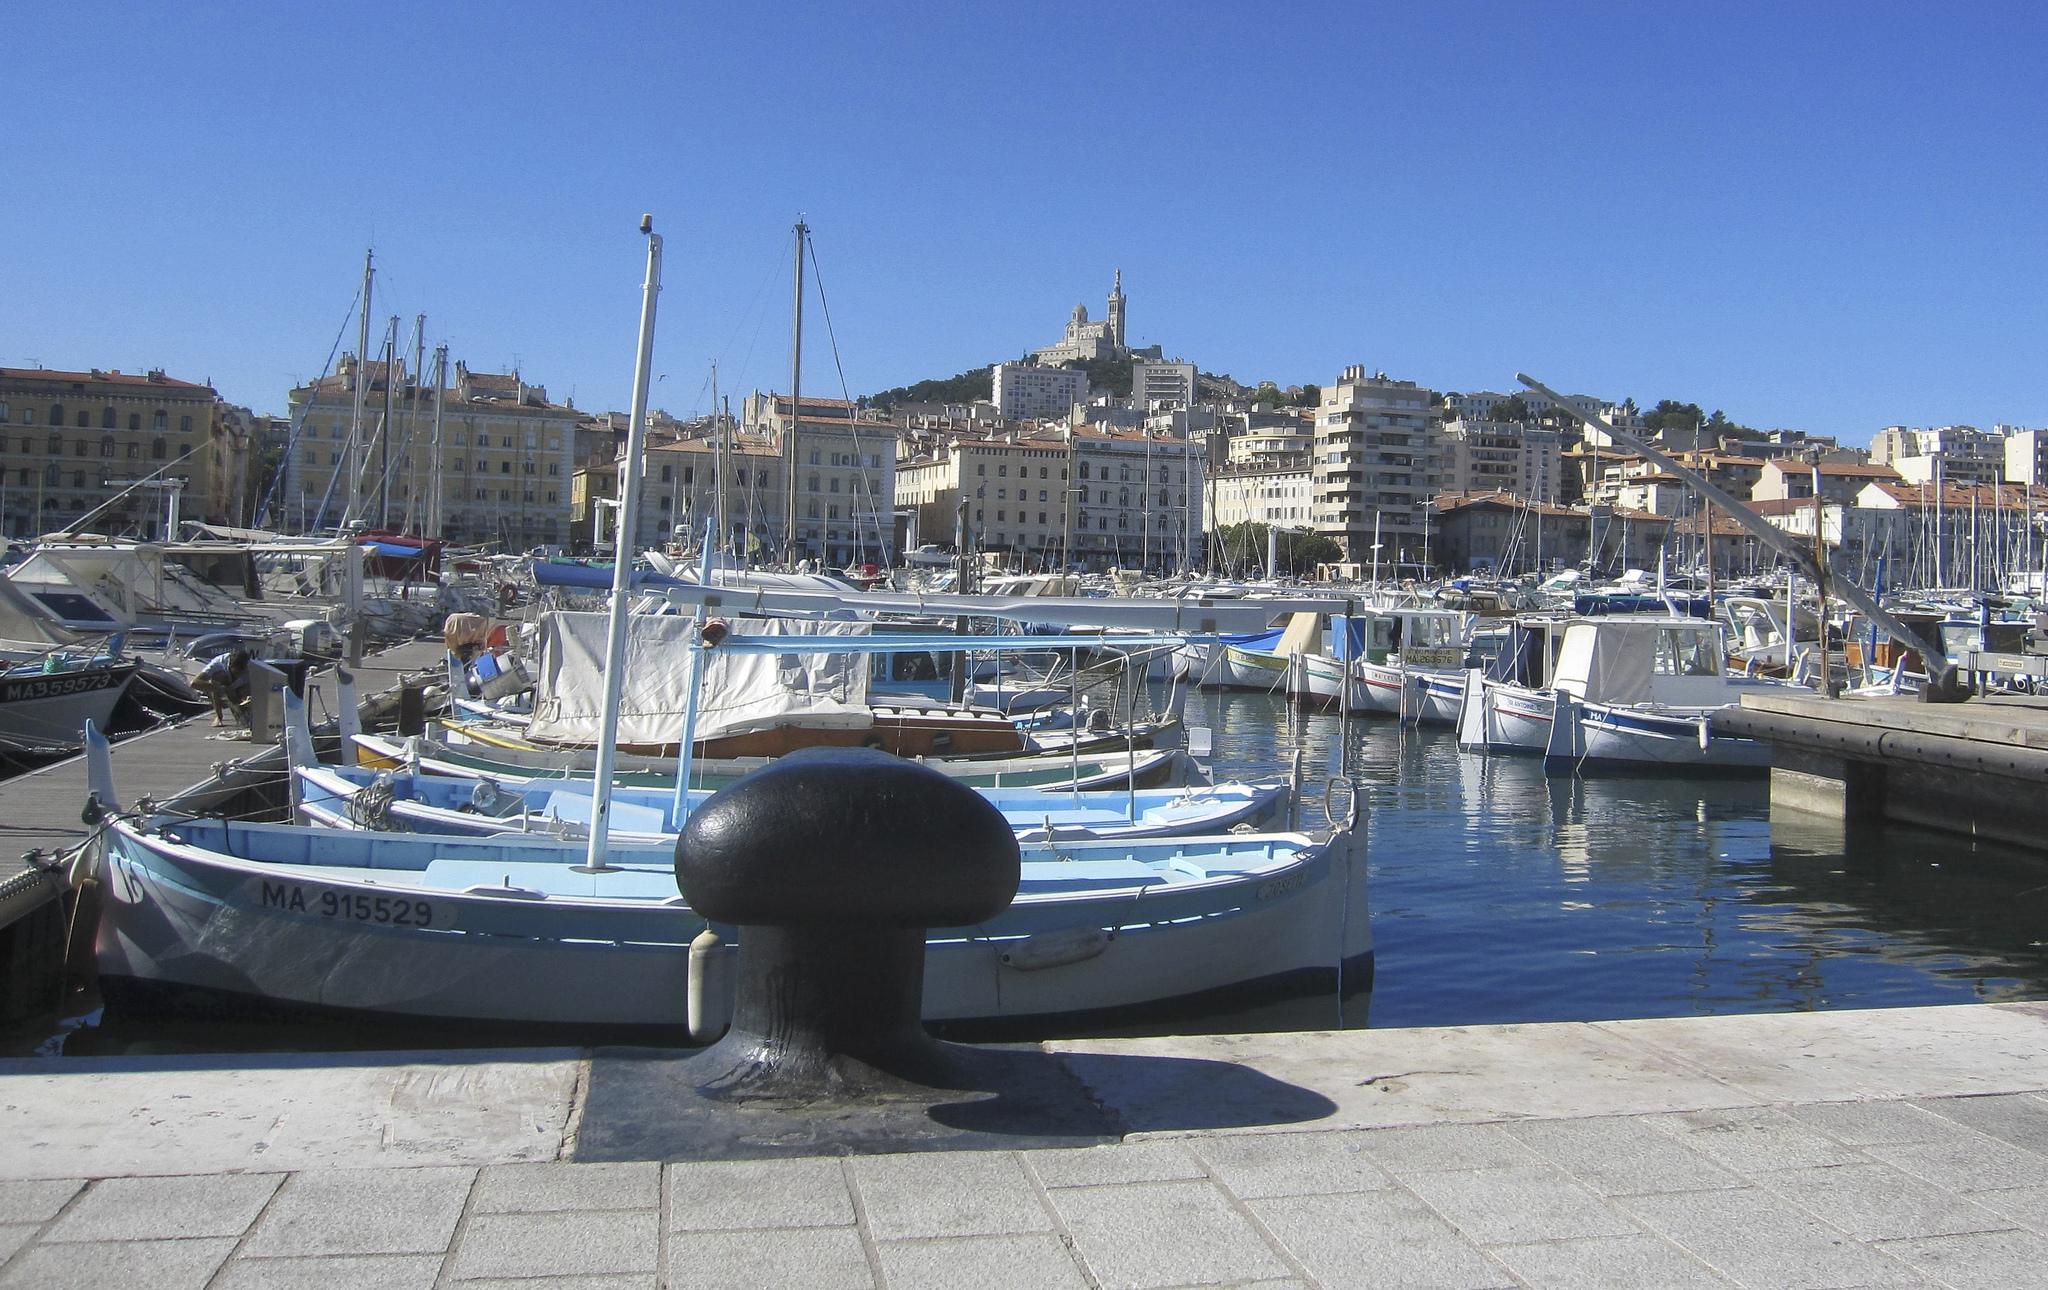 Vieux Port de Marseille. Foto de Jope Elleul, via Flickr CC